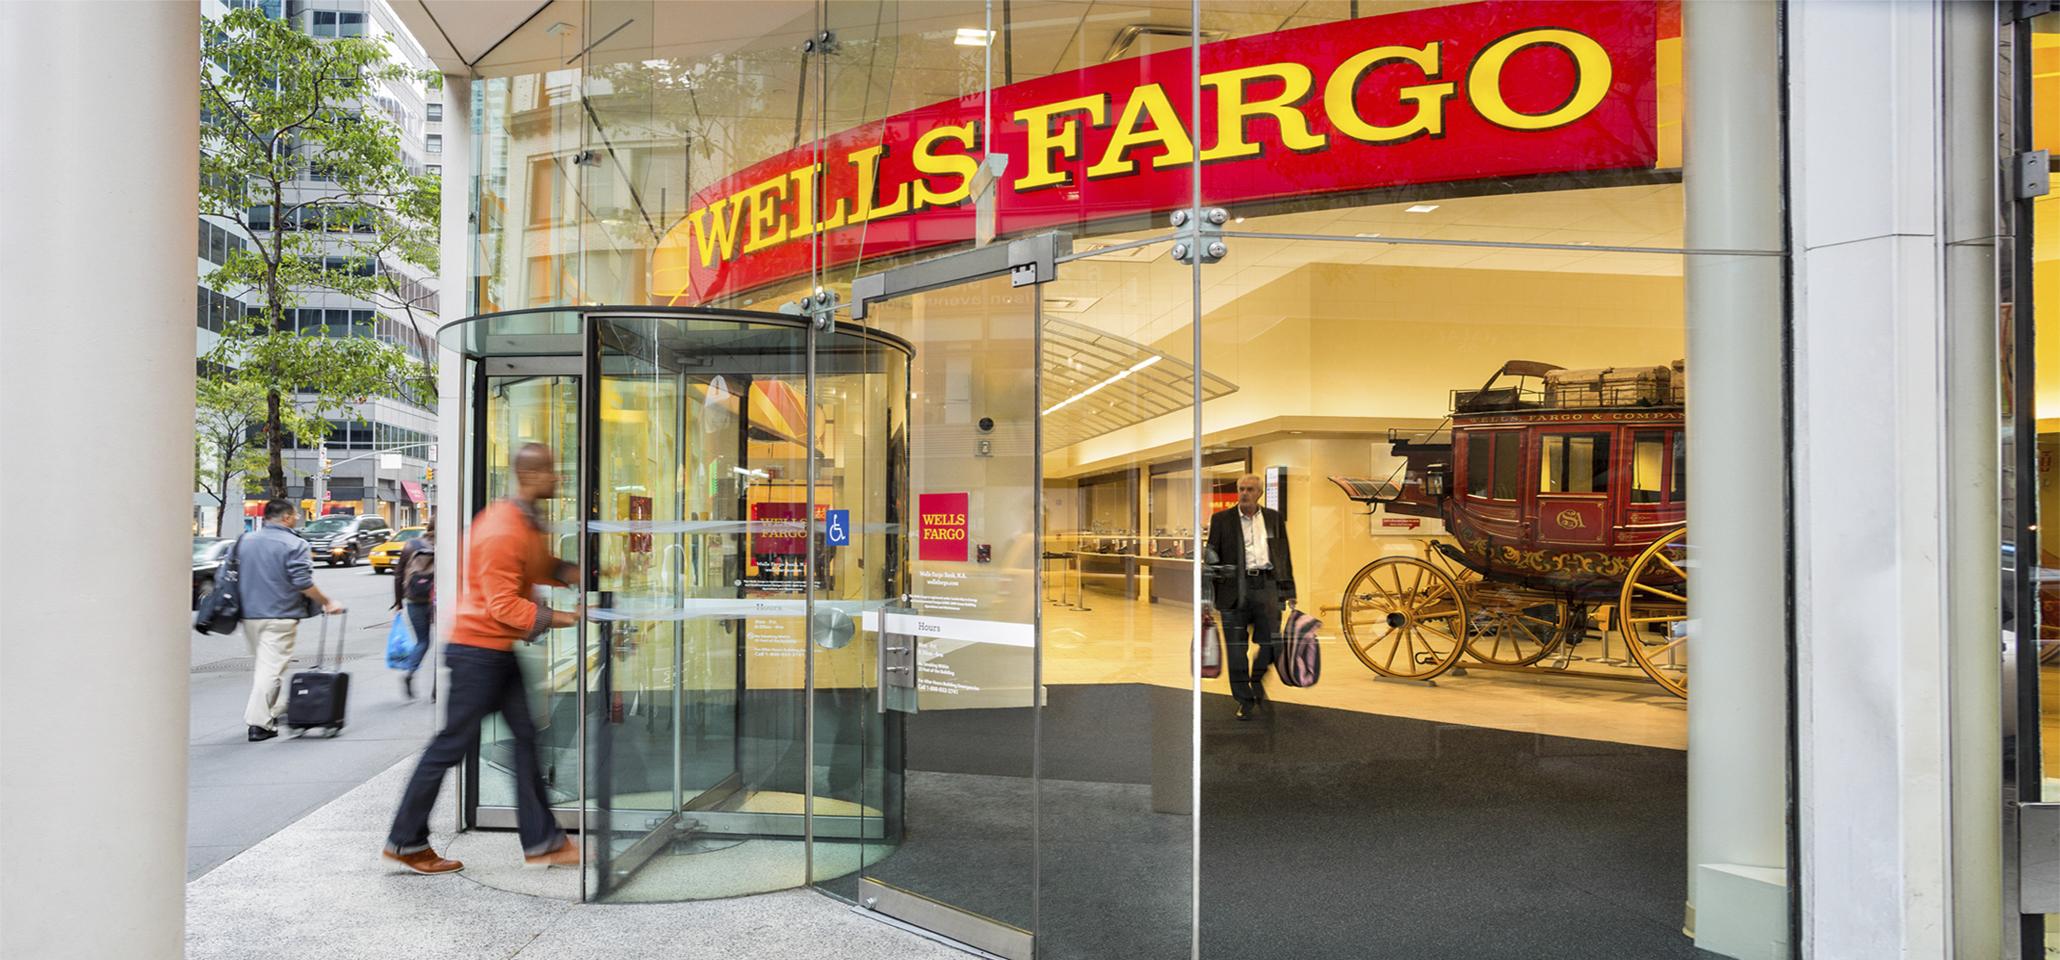 worlds most admired wells fargo